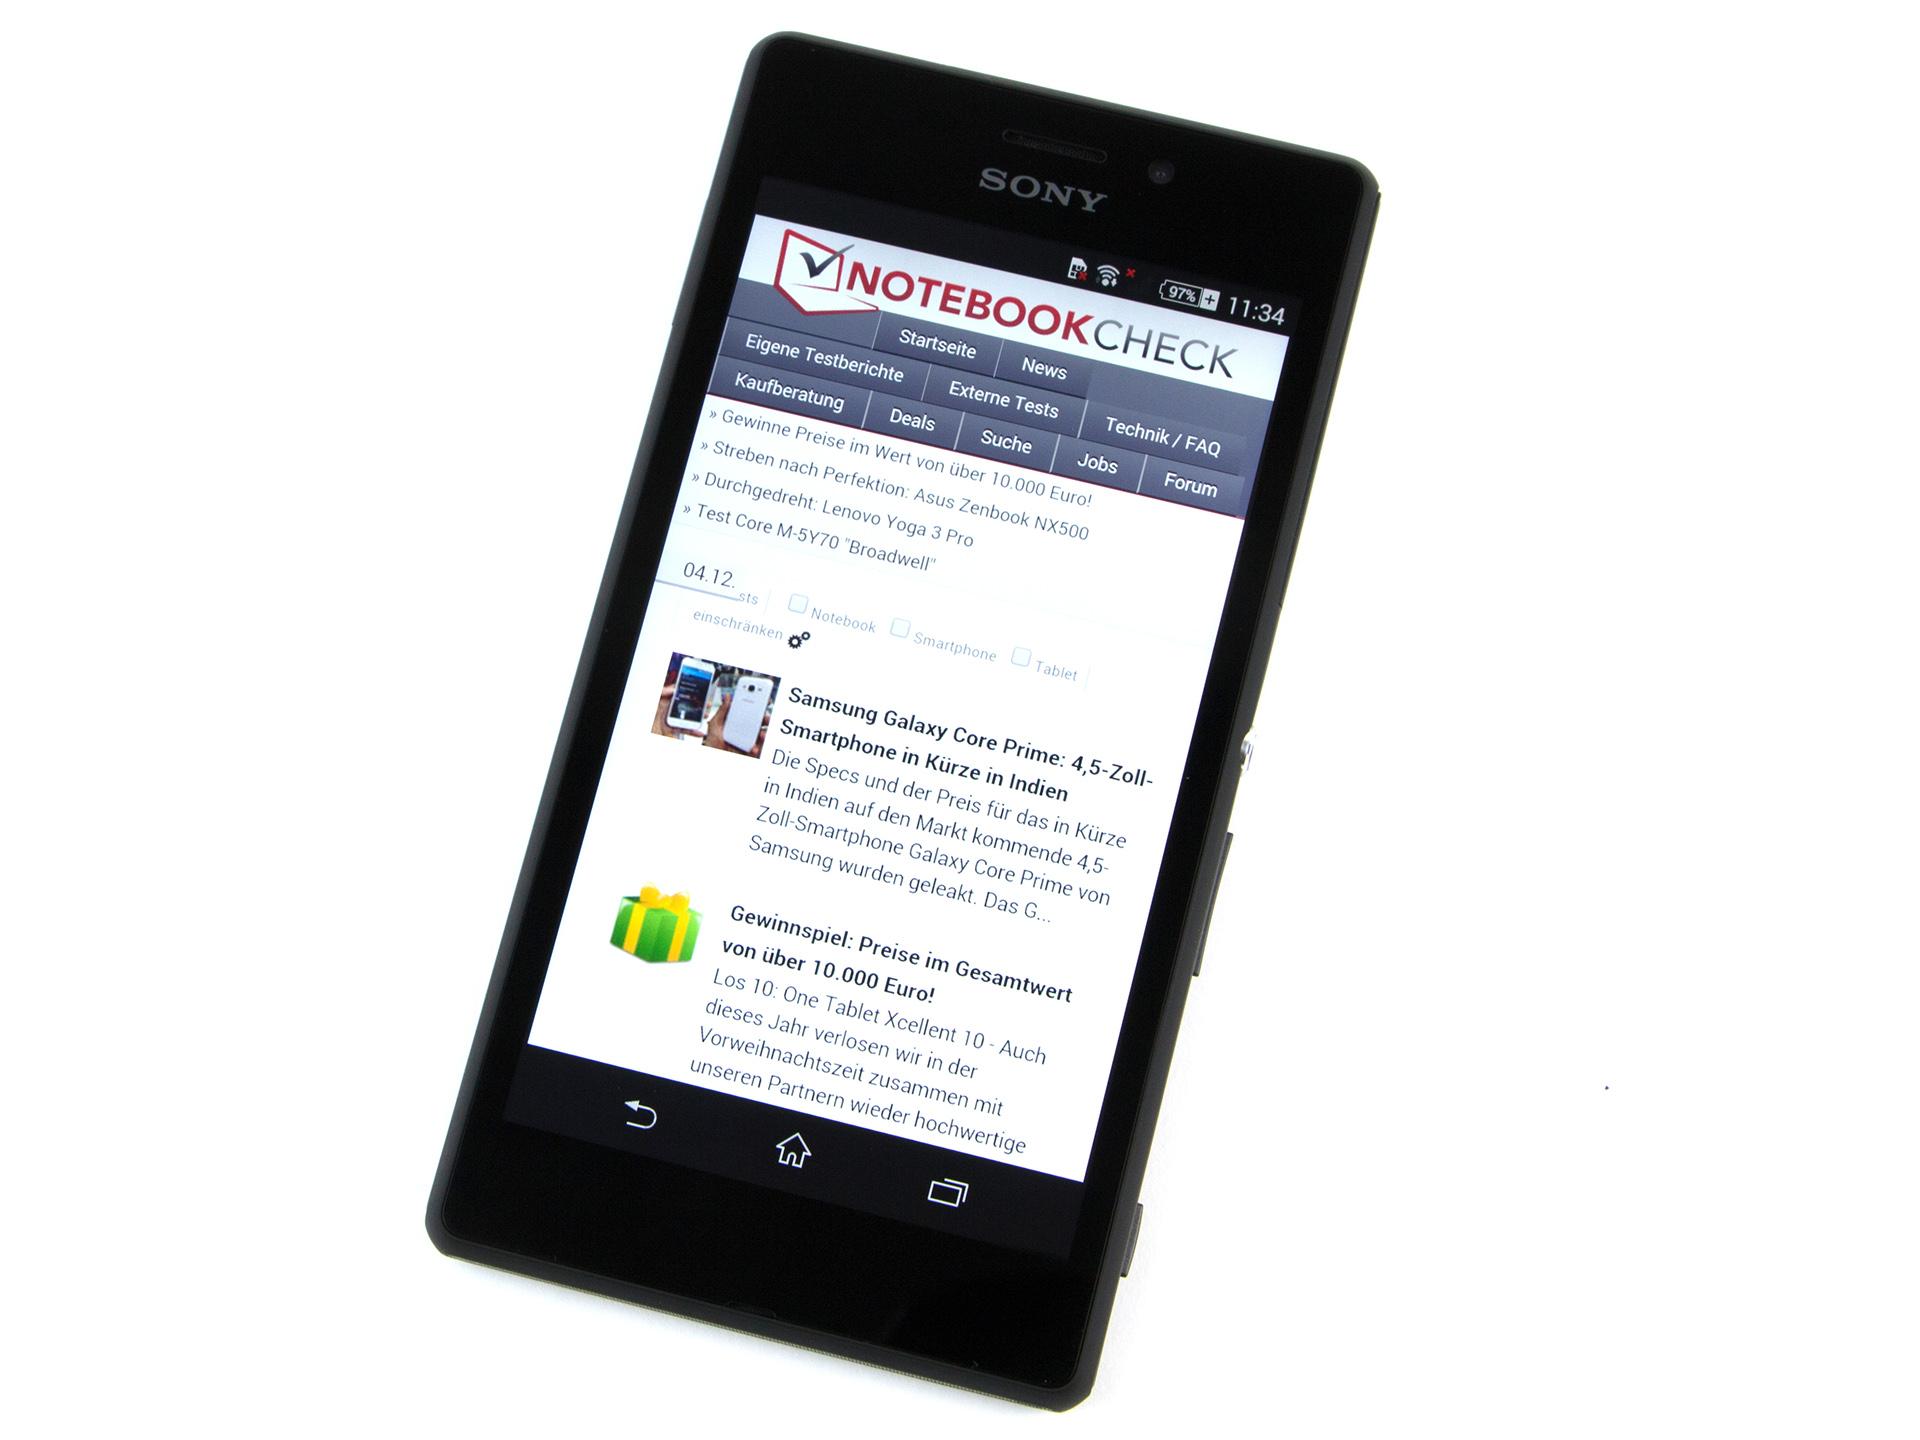 Sony Xperia M2 Aqua Smartphone Review - NotebookCheck.net Reviews